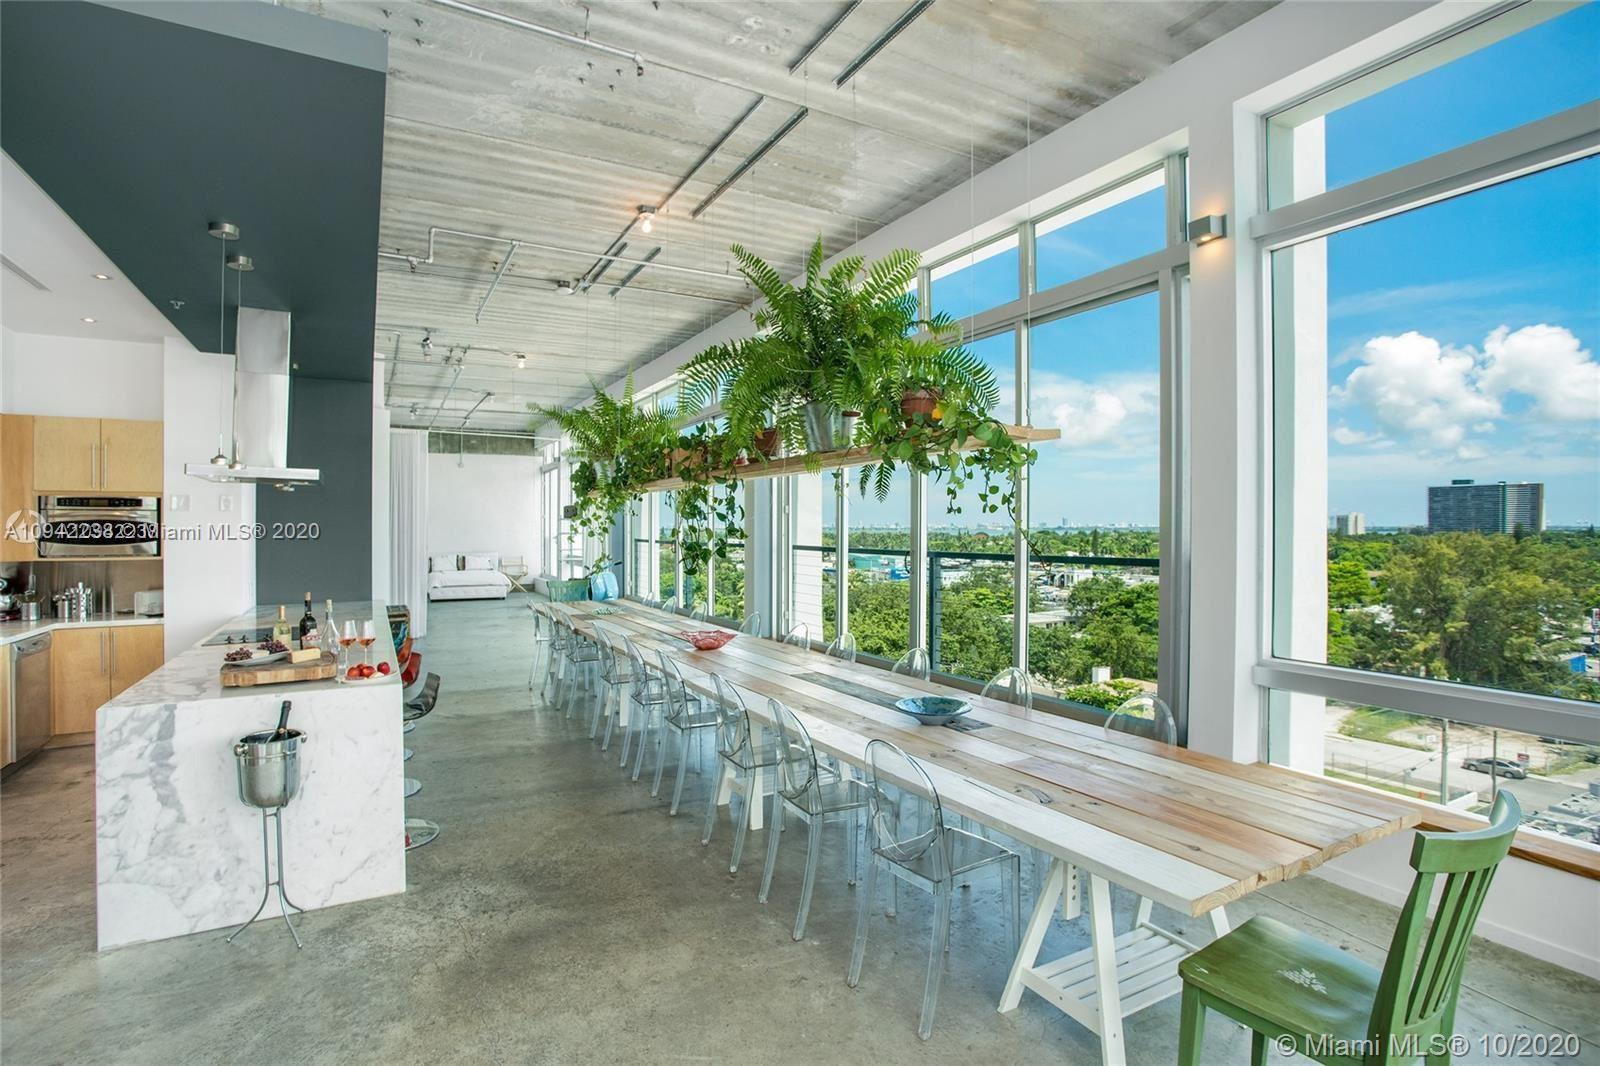 8101 Biscayne Blvd #R-705, Miami, FL 33138 - #: A10942238